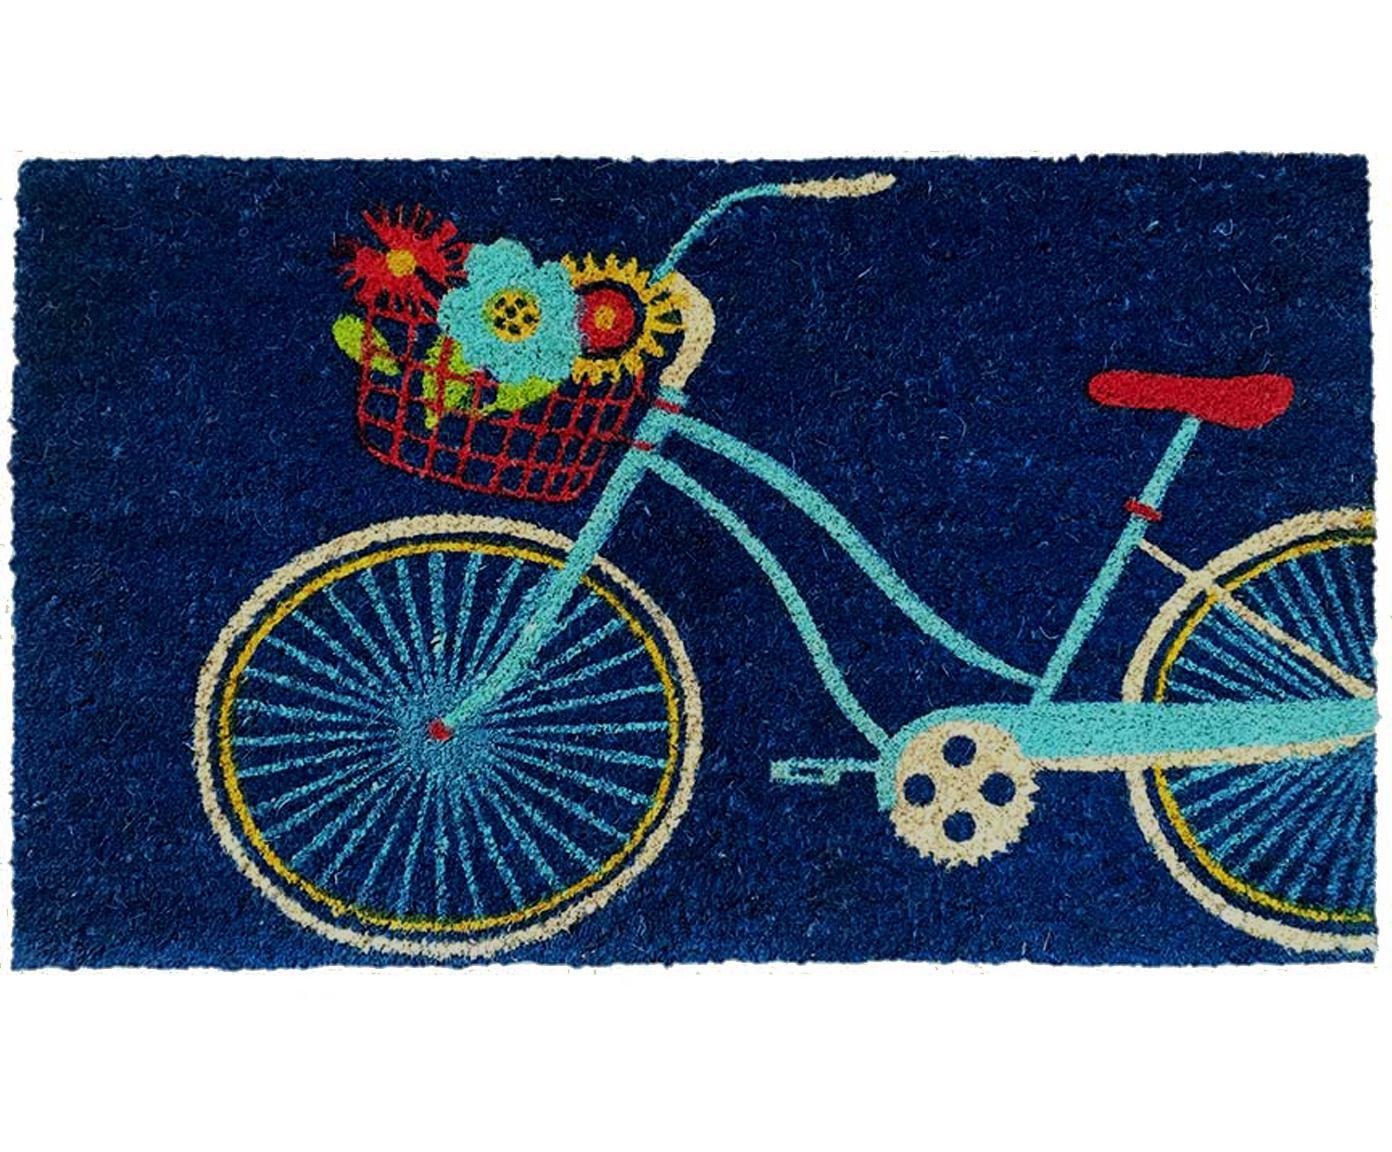 Zerbino Bicycle, Fibra di cocco, Multicolore, Larg. 45 x Lung. 75 cm